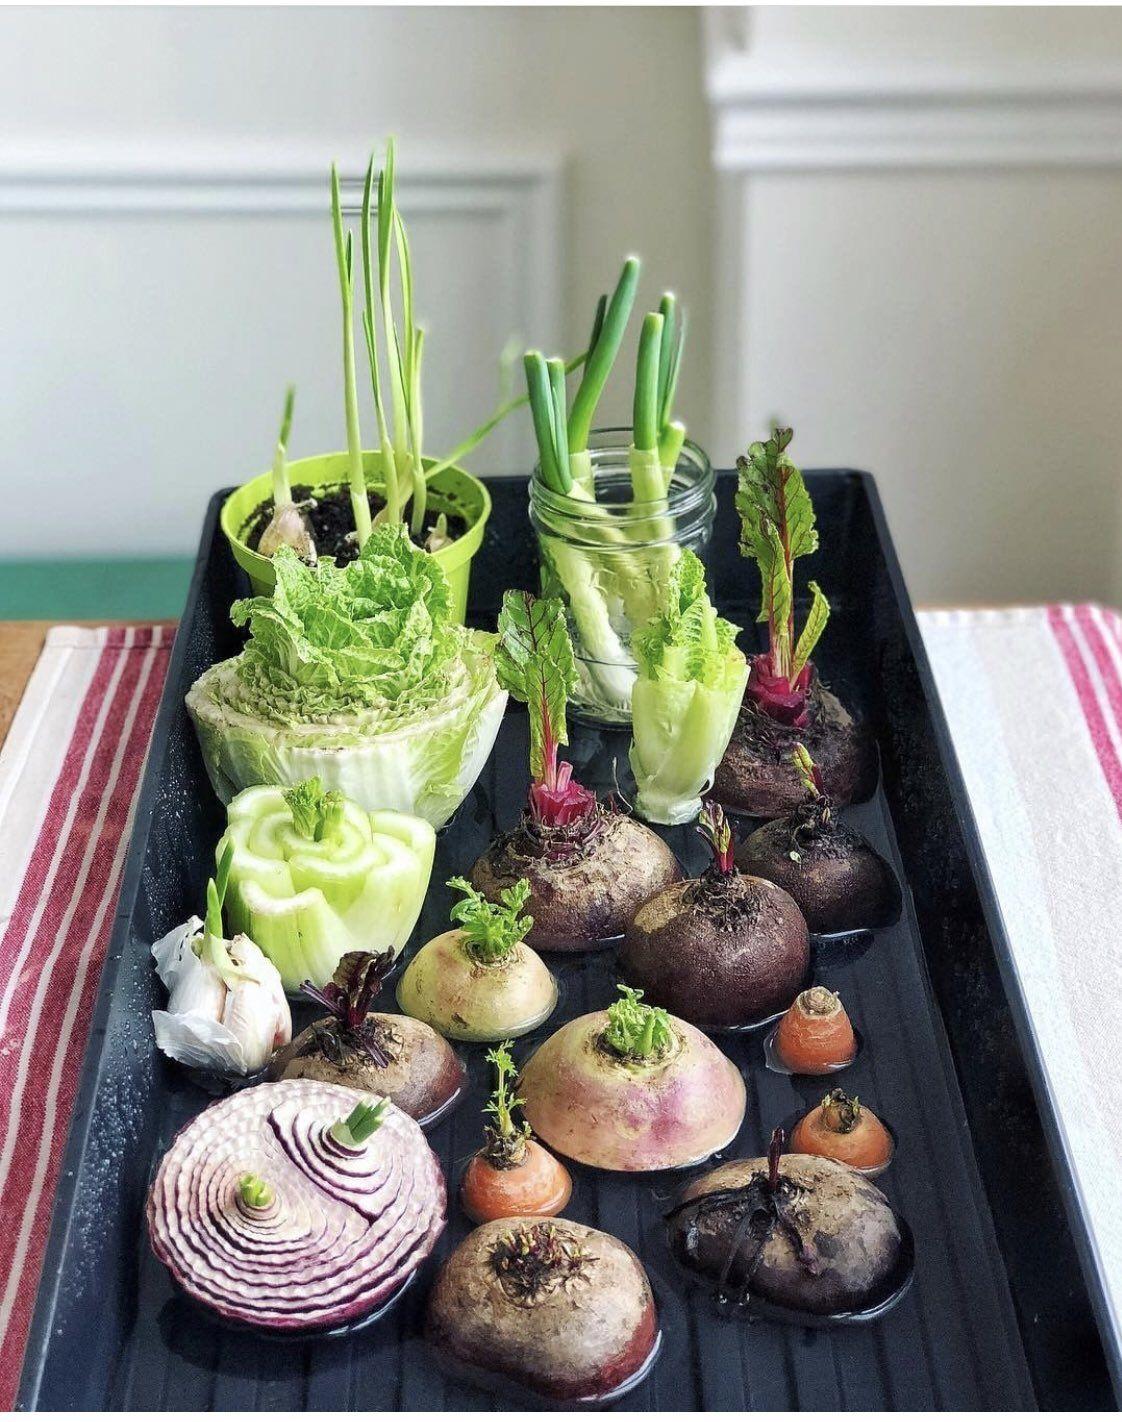 Regrow Food Kitchen Scraps Easily Video Tutorial | Regrow vegetables, Good health tips, Growing